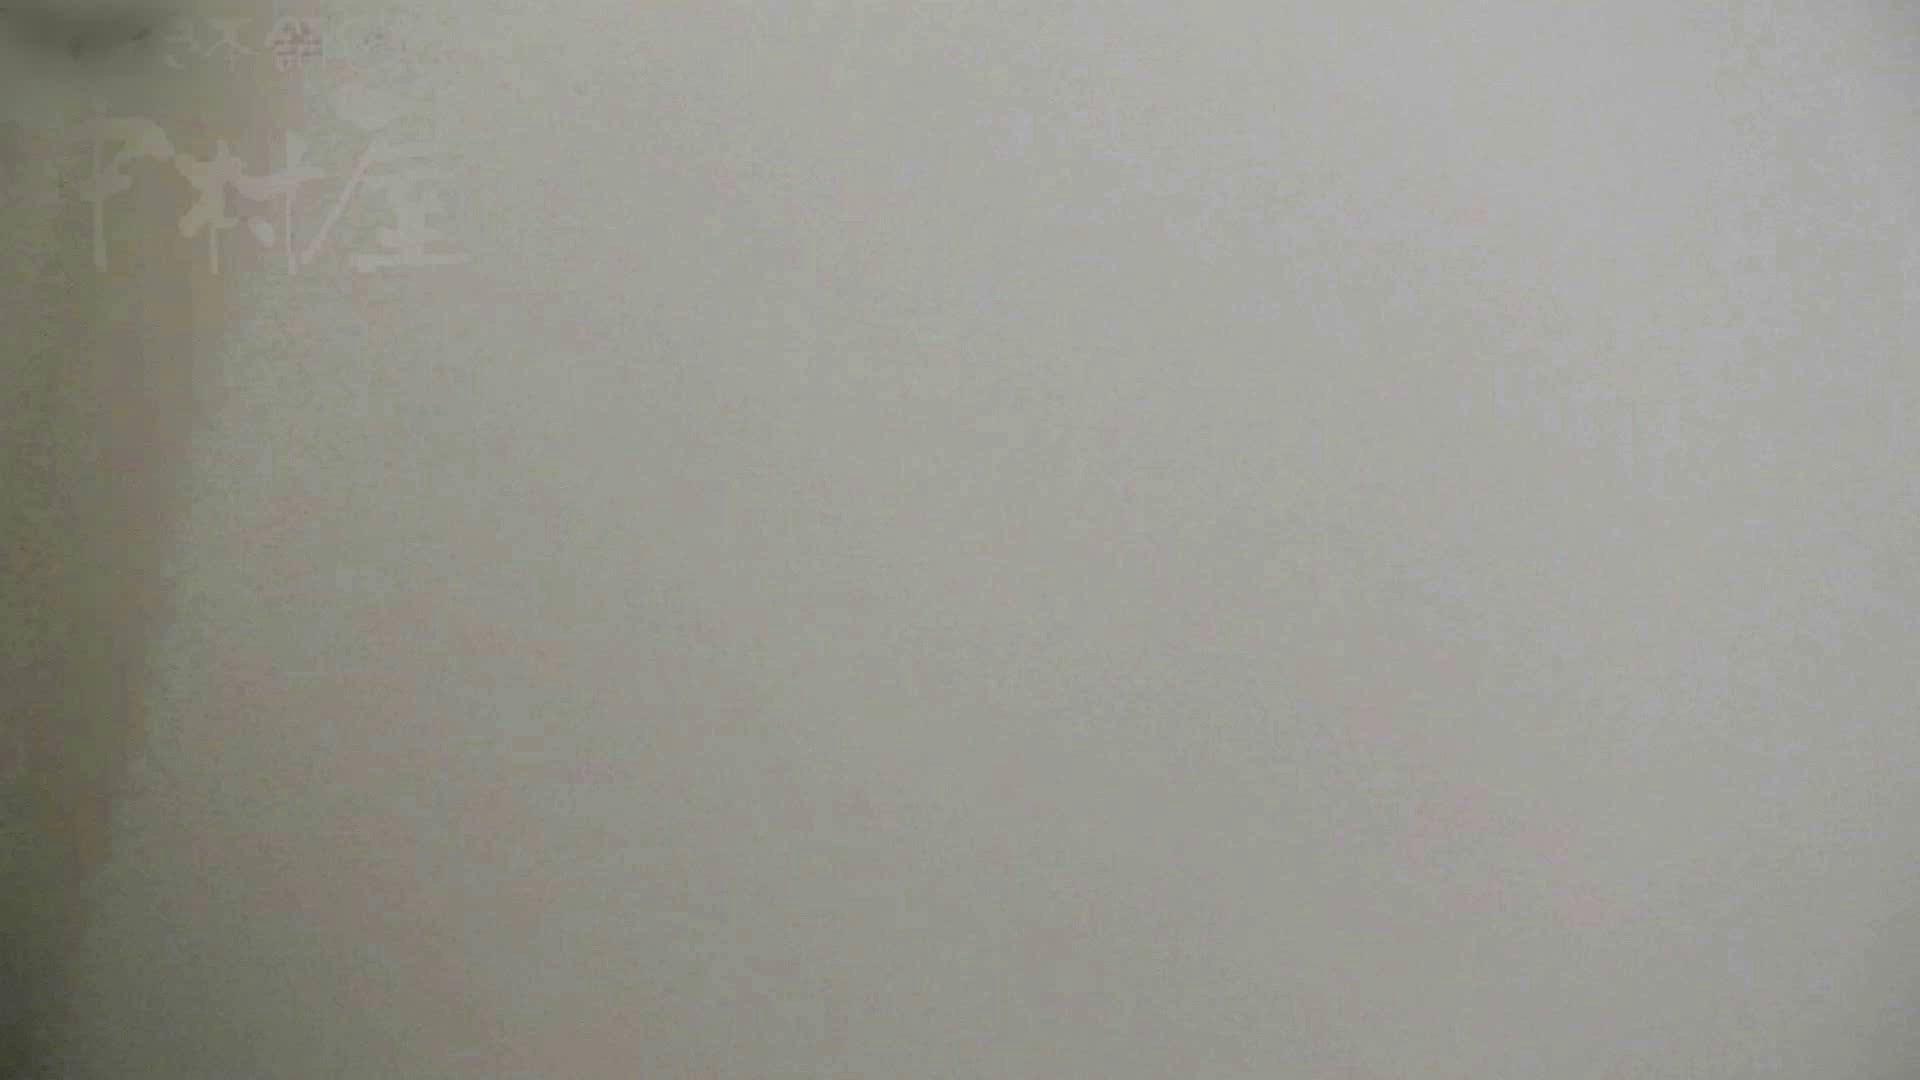 美しい日本の未来 No.02 乙女   女子トイレ  61画像 56